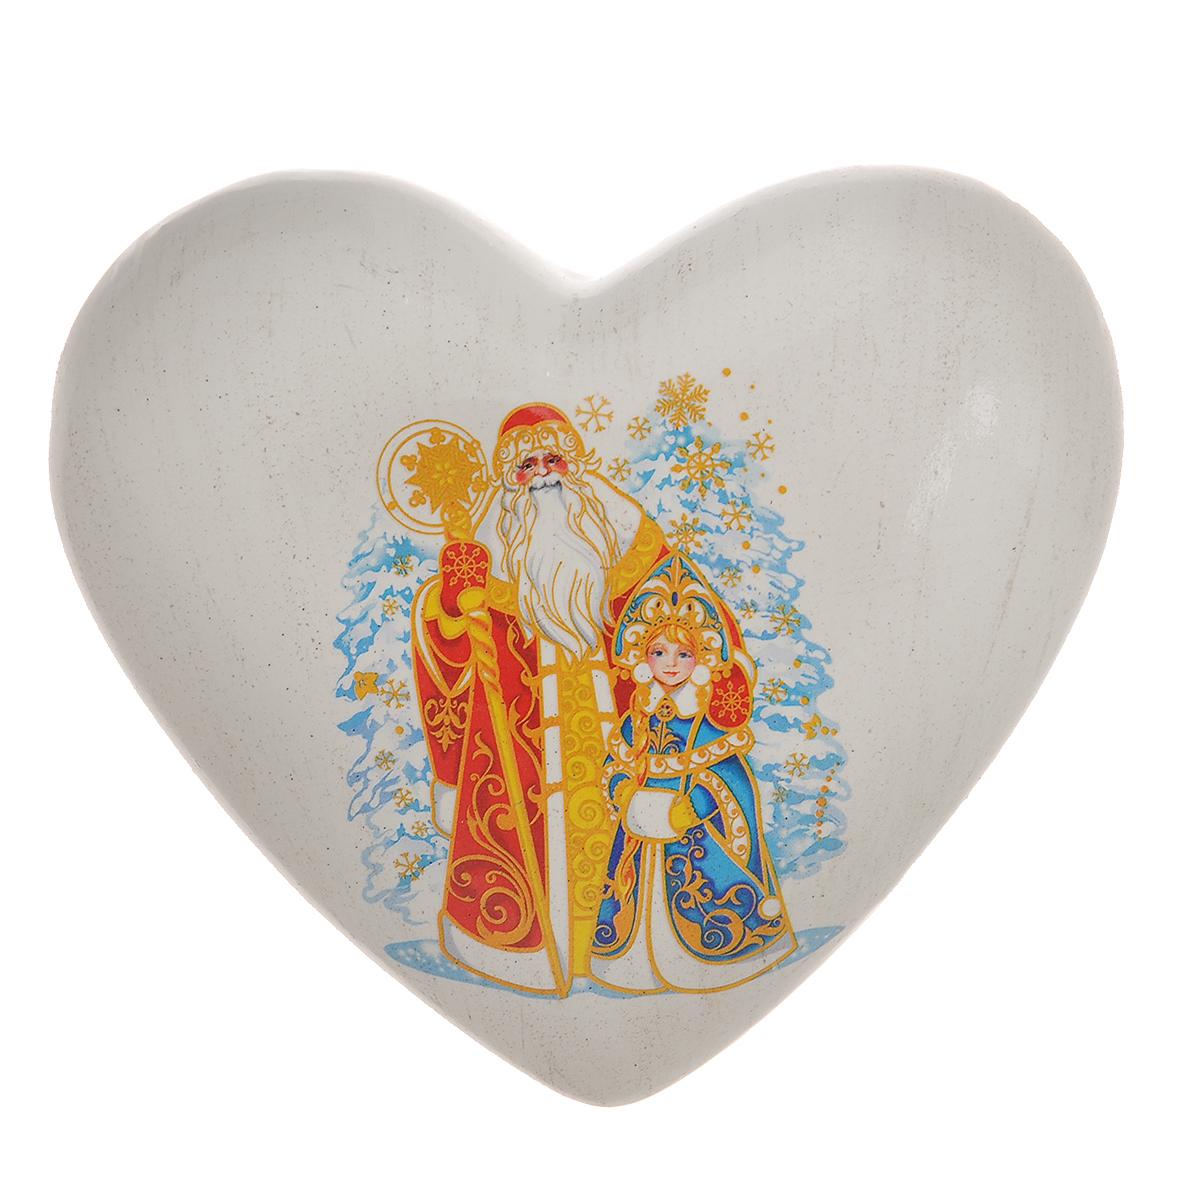 """Декоративное украшение """"Новогоднее сердце"""" поможет украсить дом к праздникам. Фигурка выполнена из керамики в форме сердца и оформлена изображением деда Мороза и Снегурочки. Вы можете поставить украшение в любом месте, где оно будет удачно смотреться, и радовать глаз. Так же фигурку можно повесить на стену с помощью специального отверстия. Такое украшение станет великолепным новогодним сувениром."""